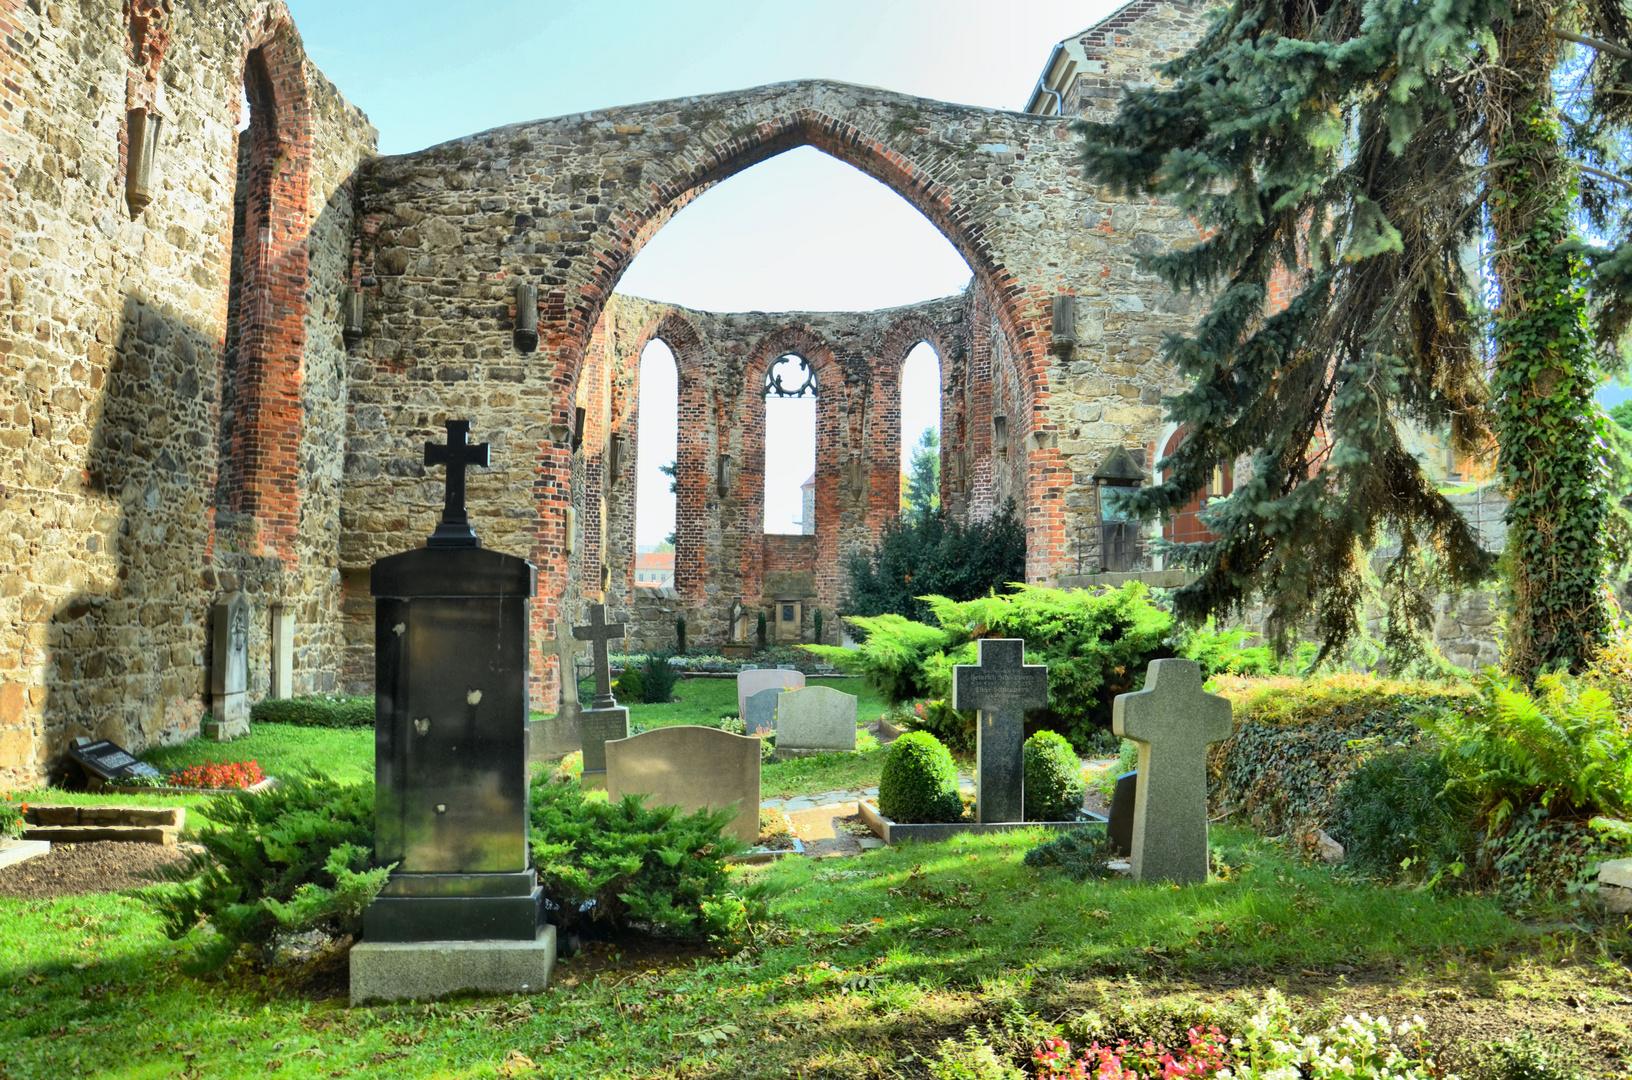 Am Nikolei Friedhof in Bautzen